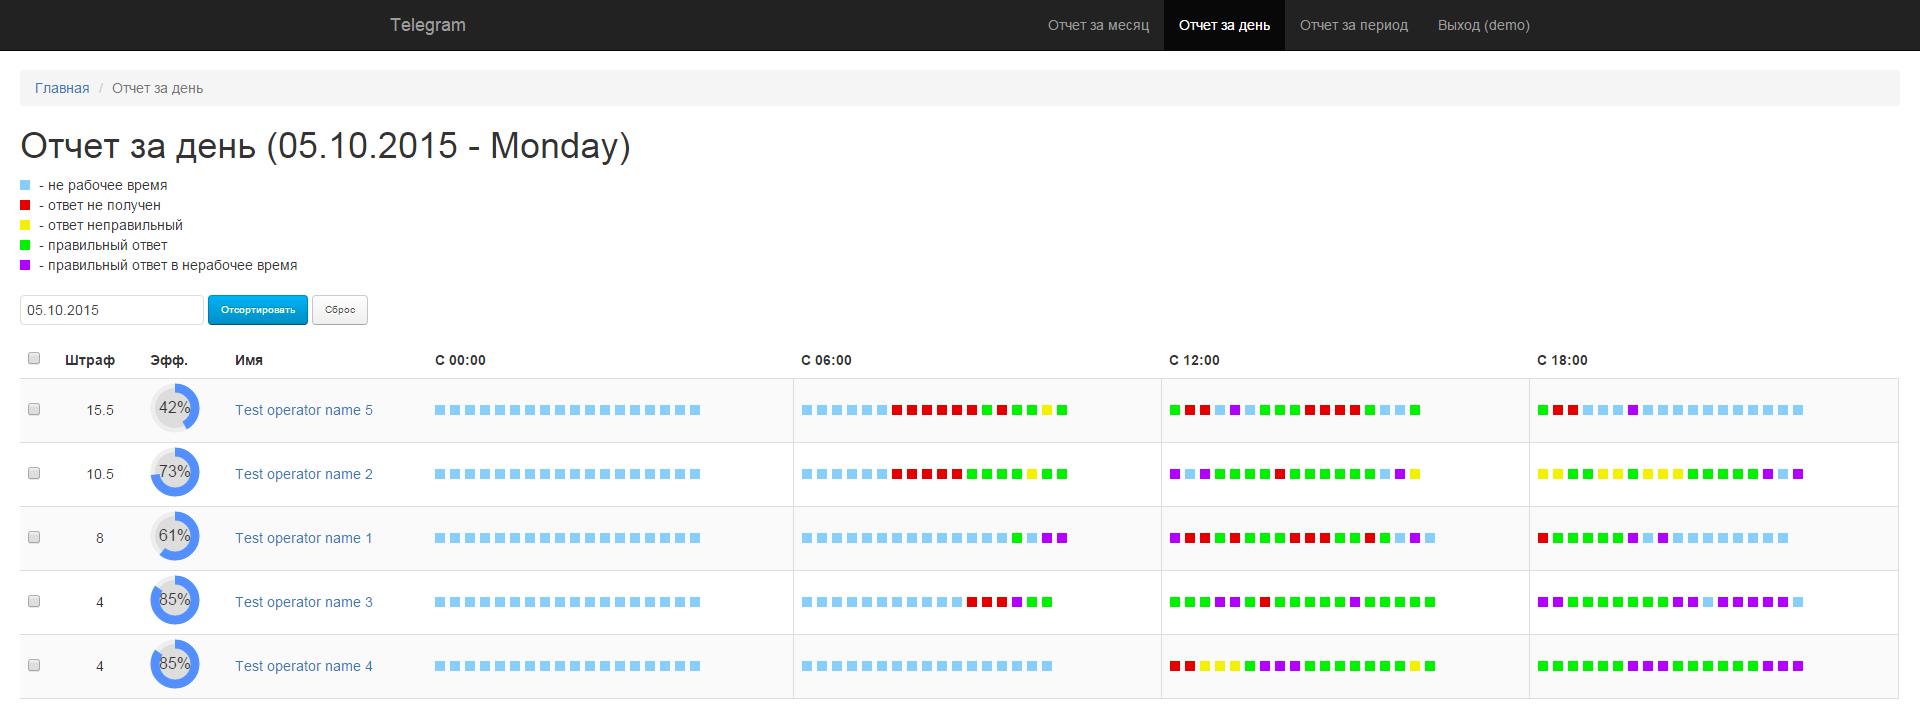 Разработать приложение для контроля работы сотрудников используя Telegram API.